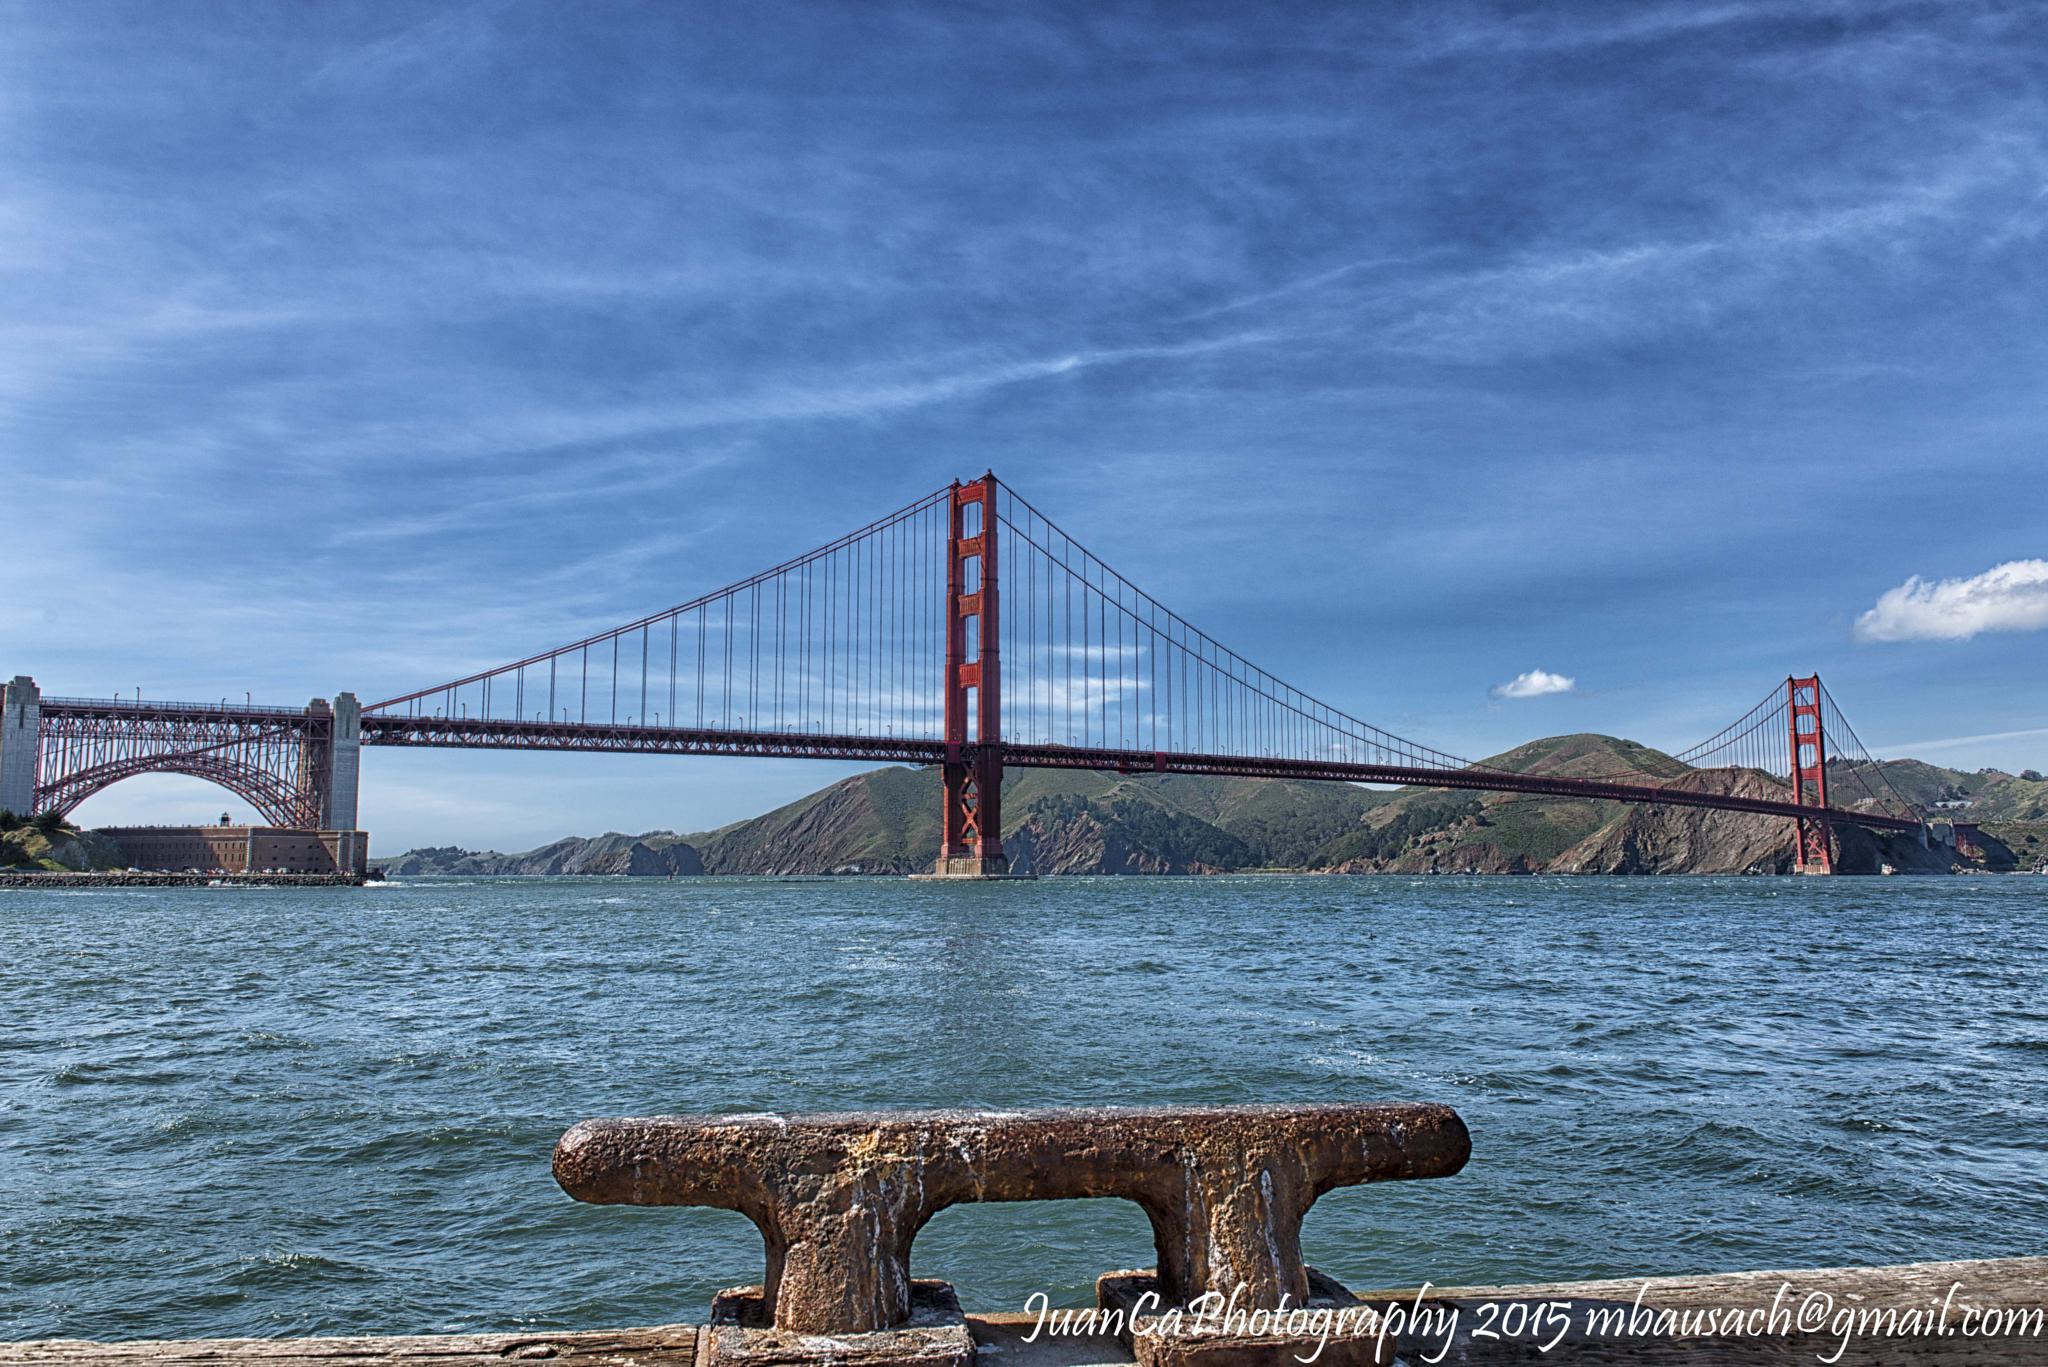 Golden Gate Bridge by JuanCaPhotography